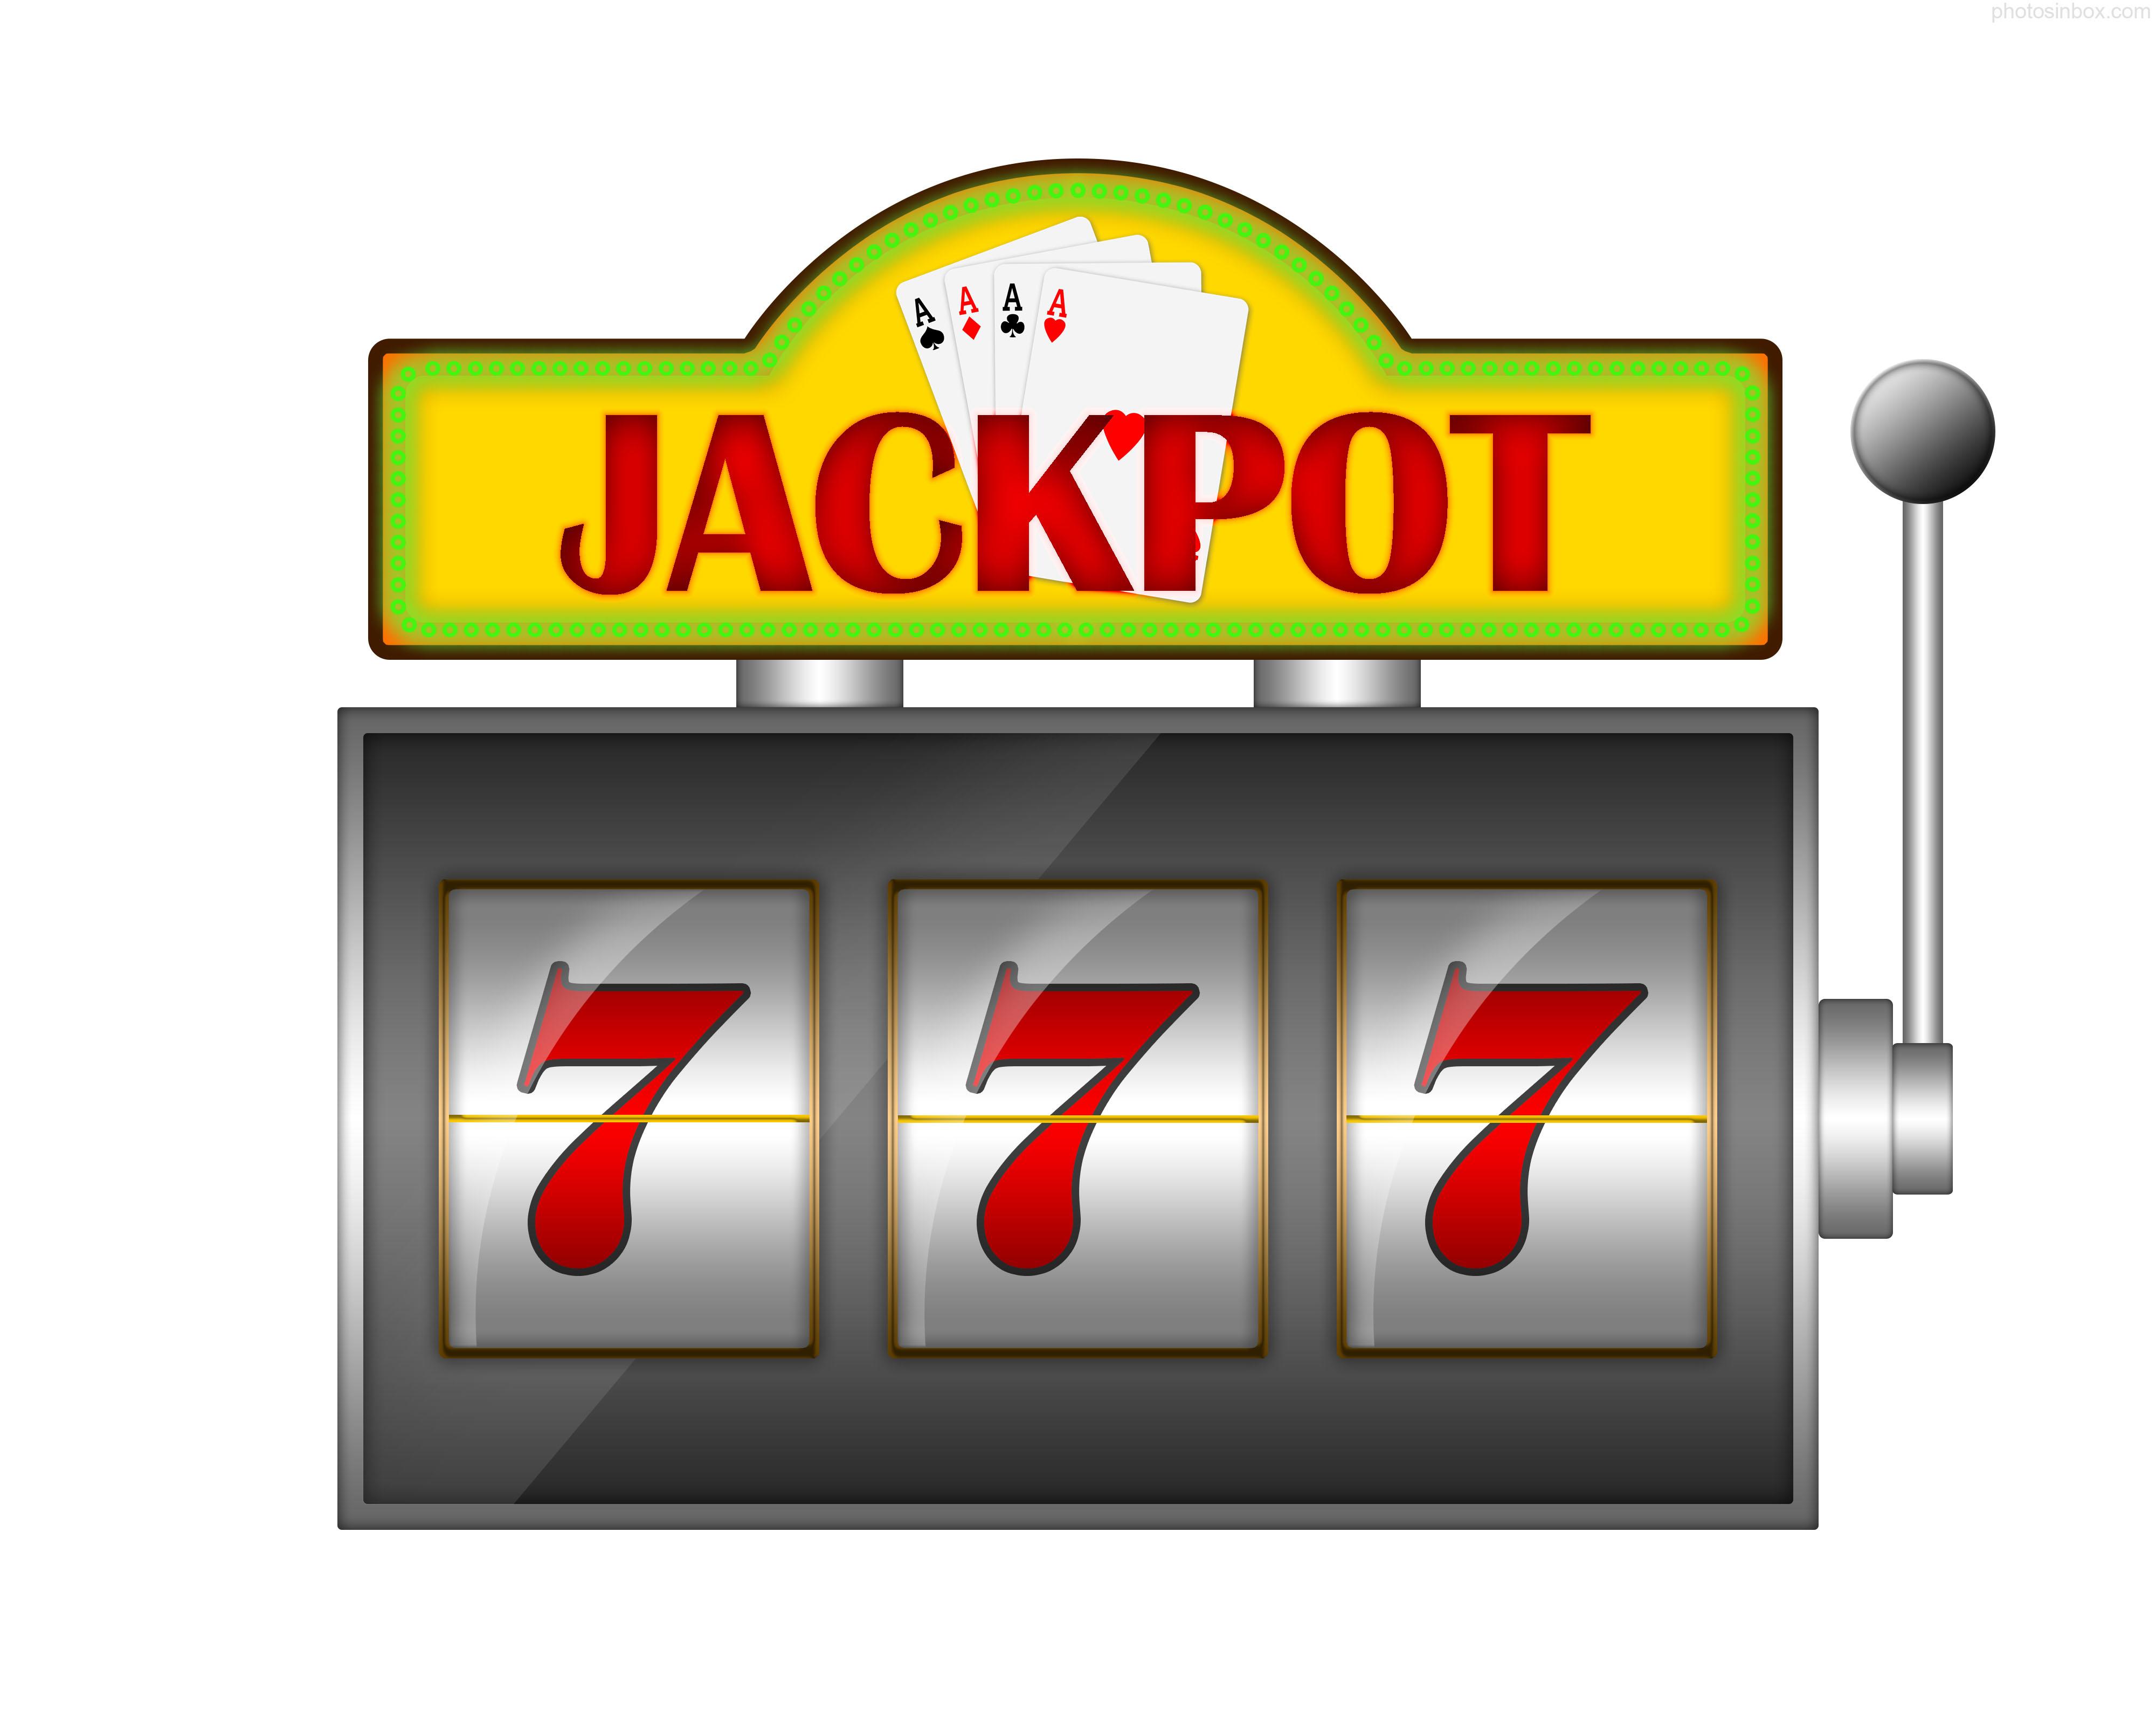 来自75 Casino Online的777免费旋转